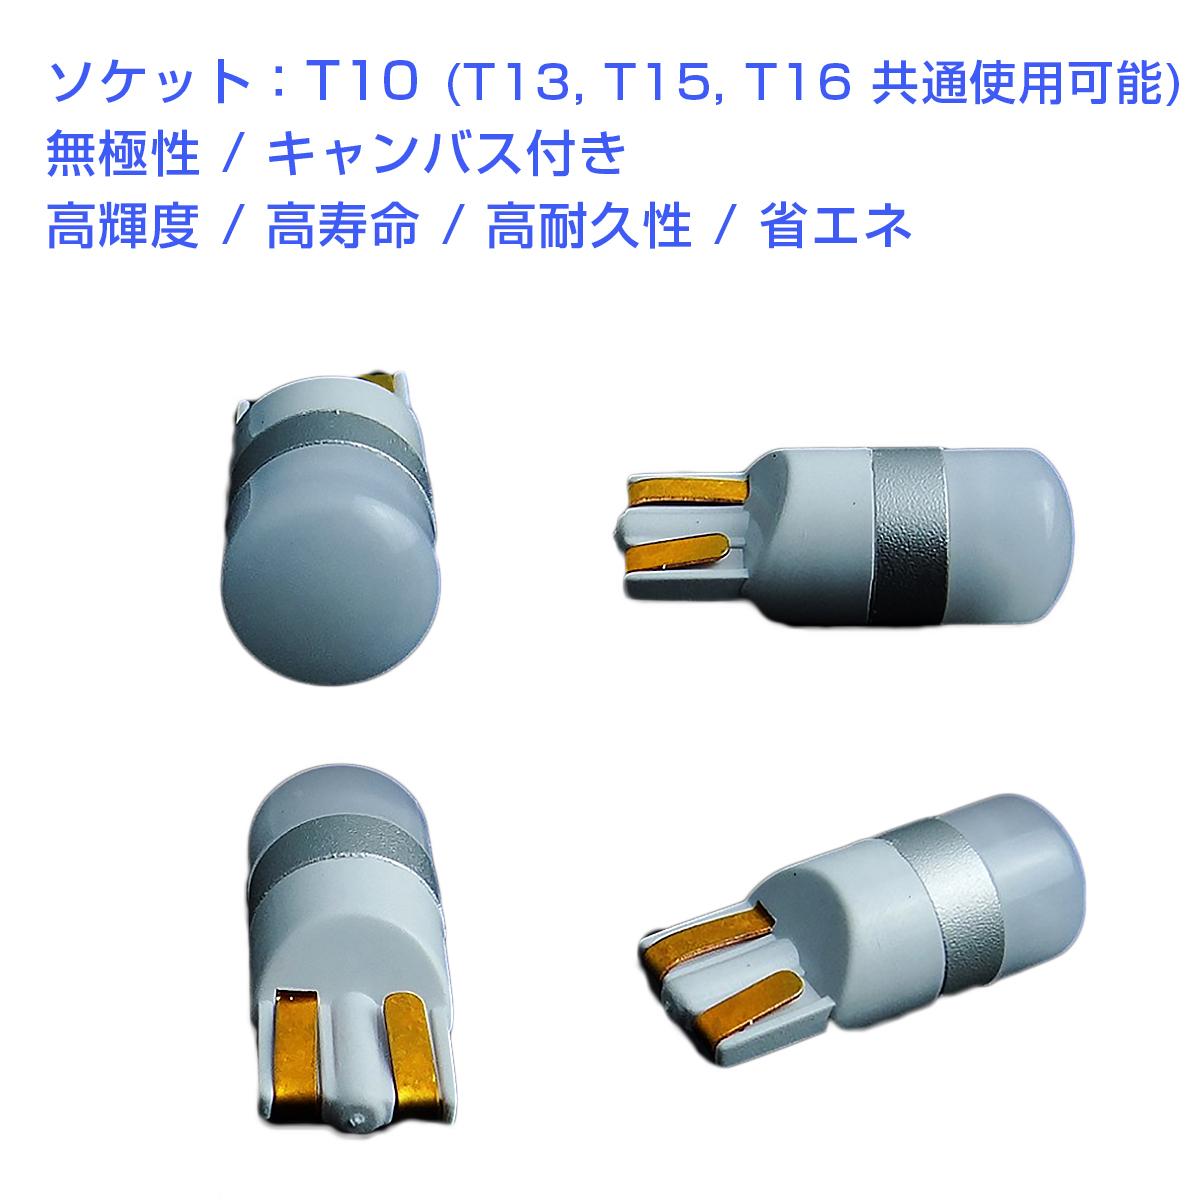 LED 緑 T10 T13 T15 T16 汎用 1SMD 3030 キャンセラー付き 150LM 12V/24V 無極性 2個セット 外車対応 SDM便送料無料 3ヶ月保証